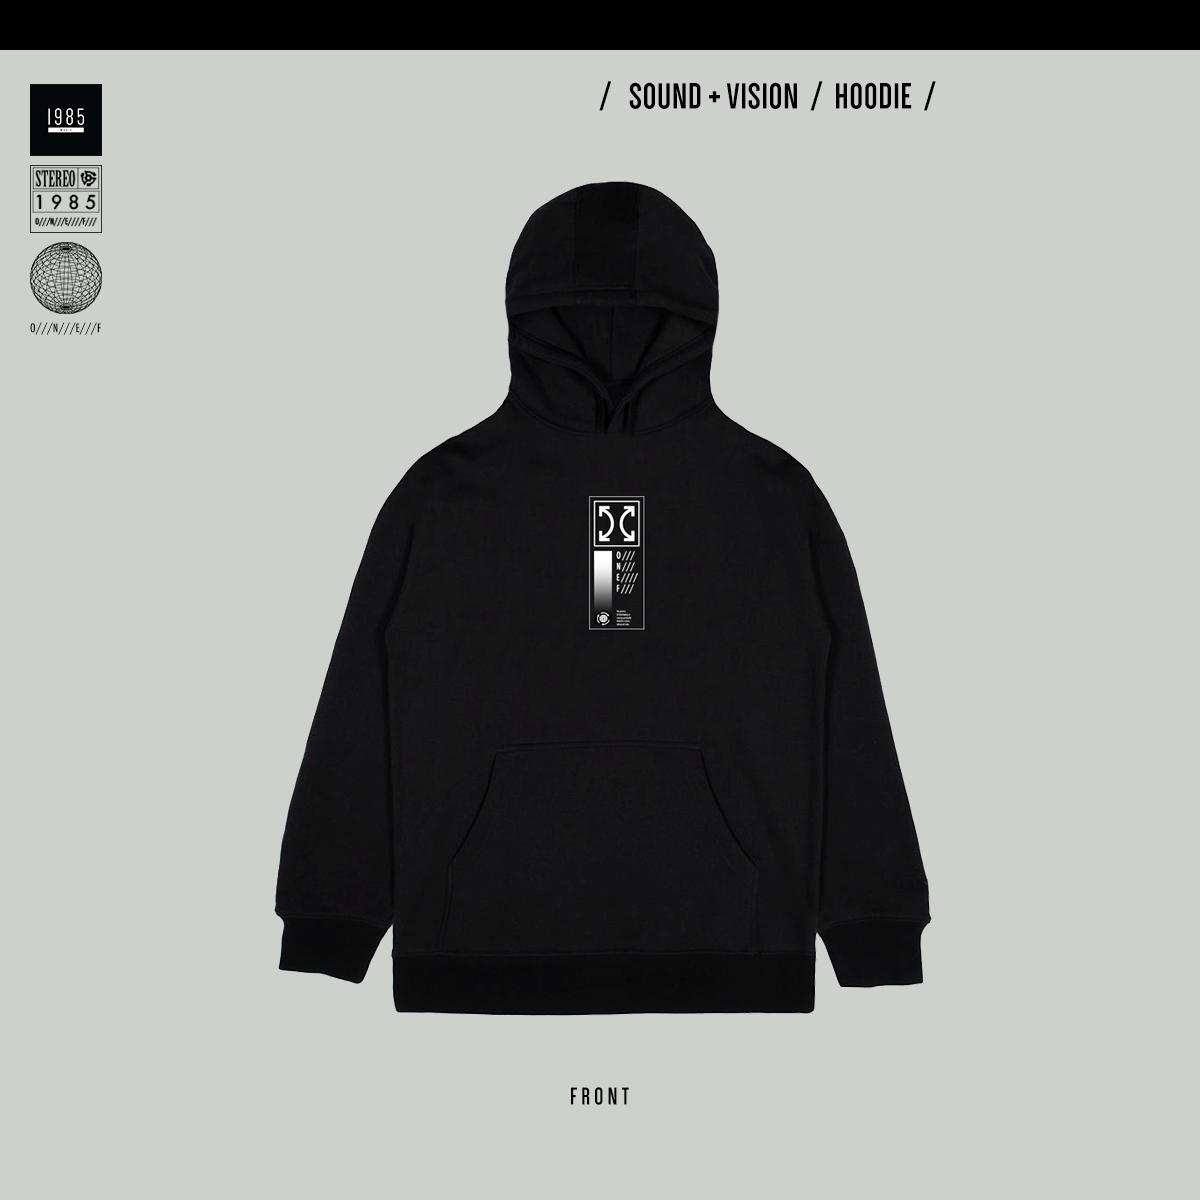 Sound + Vision Hoodie